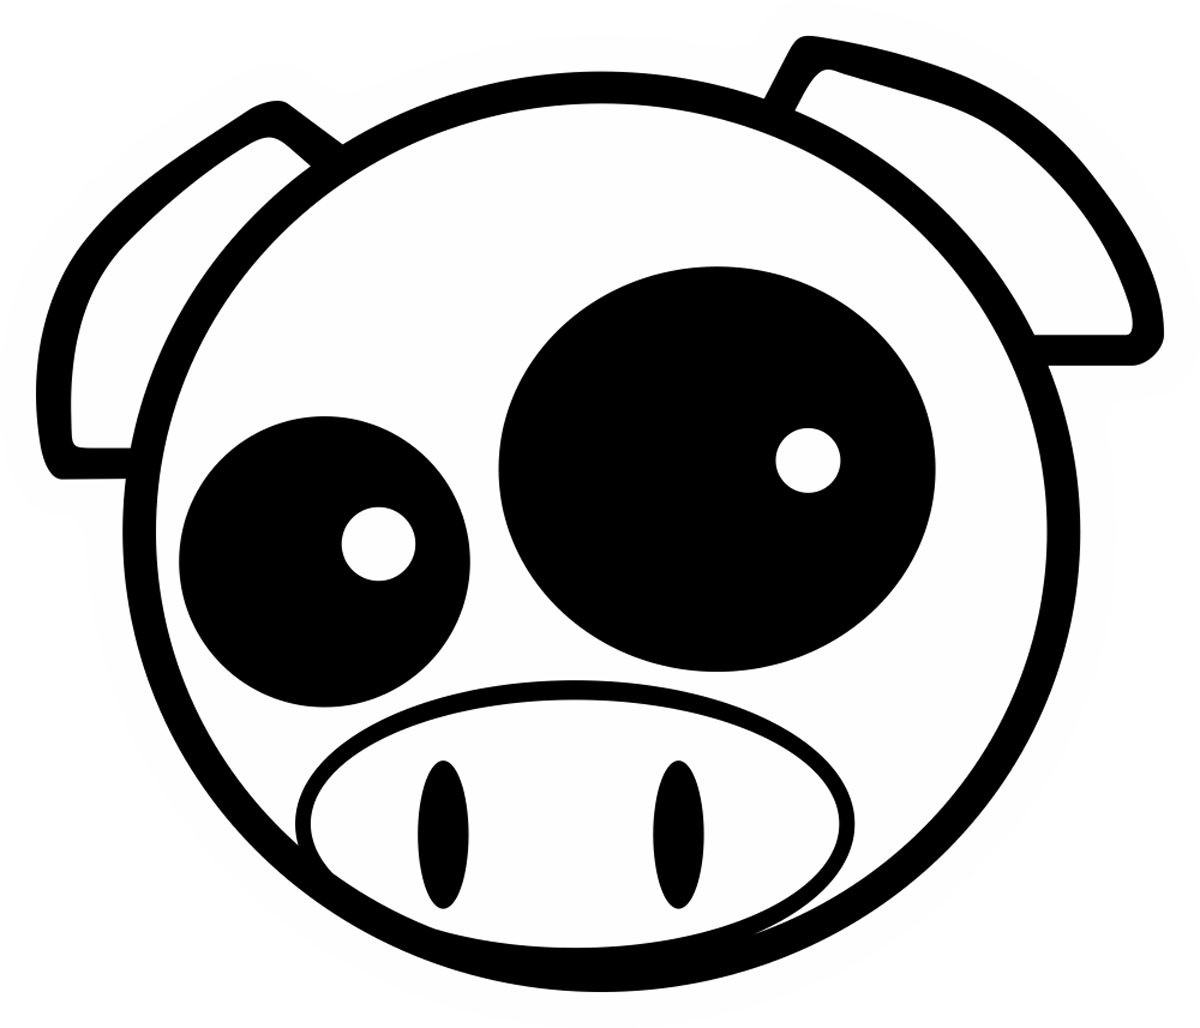 Aufkleber: Subaru Pig Manga Mascot